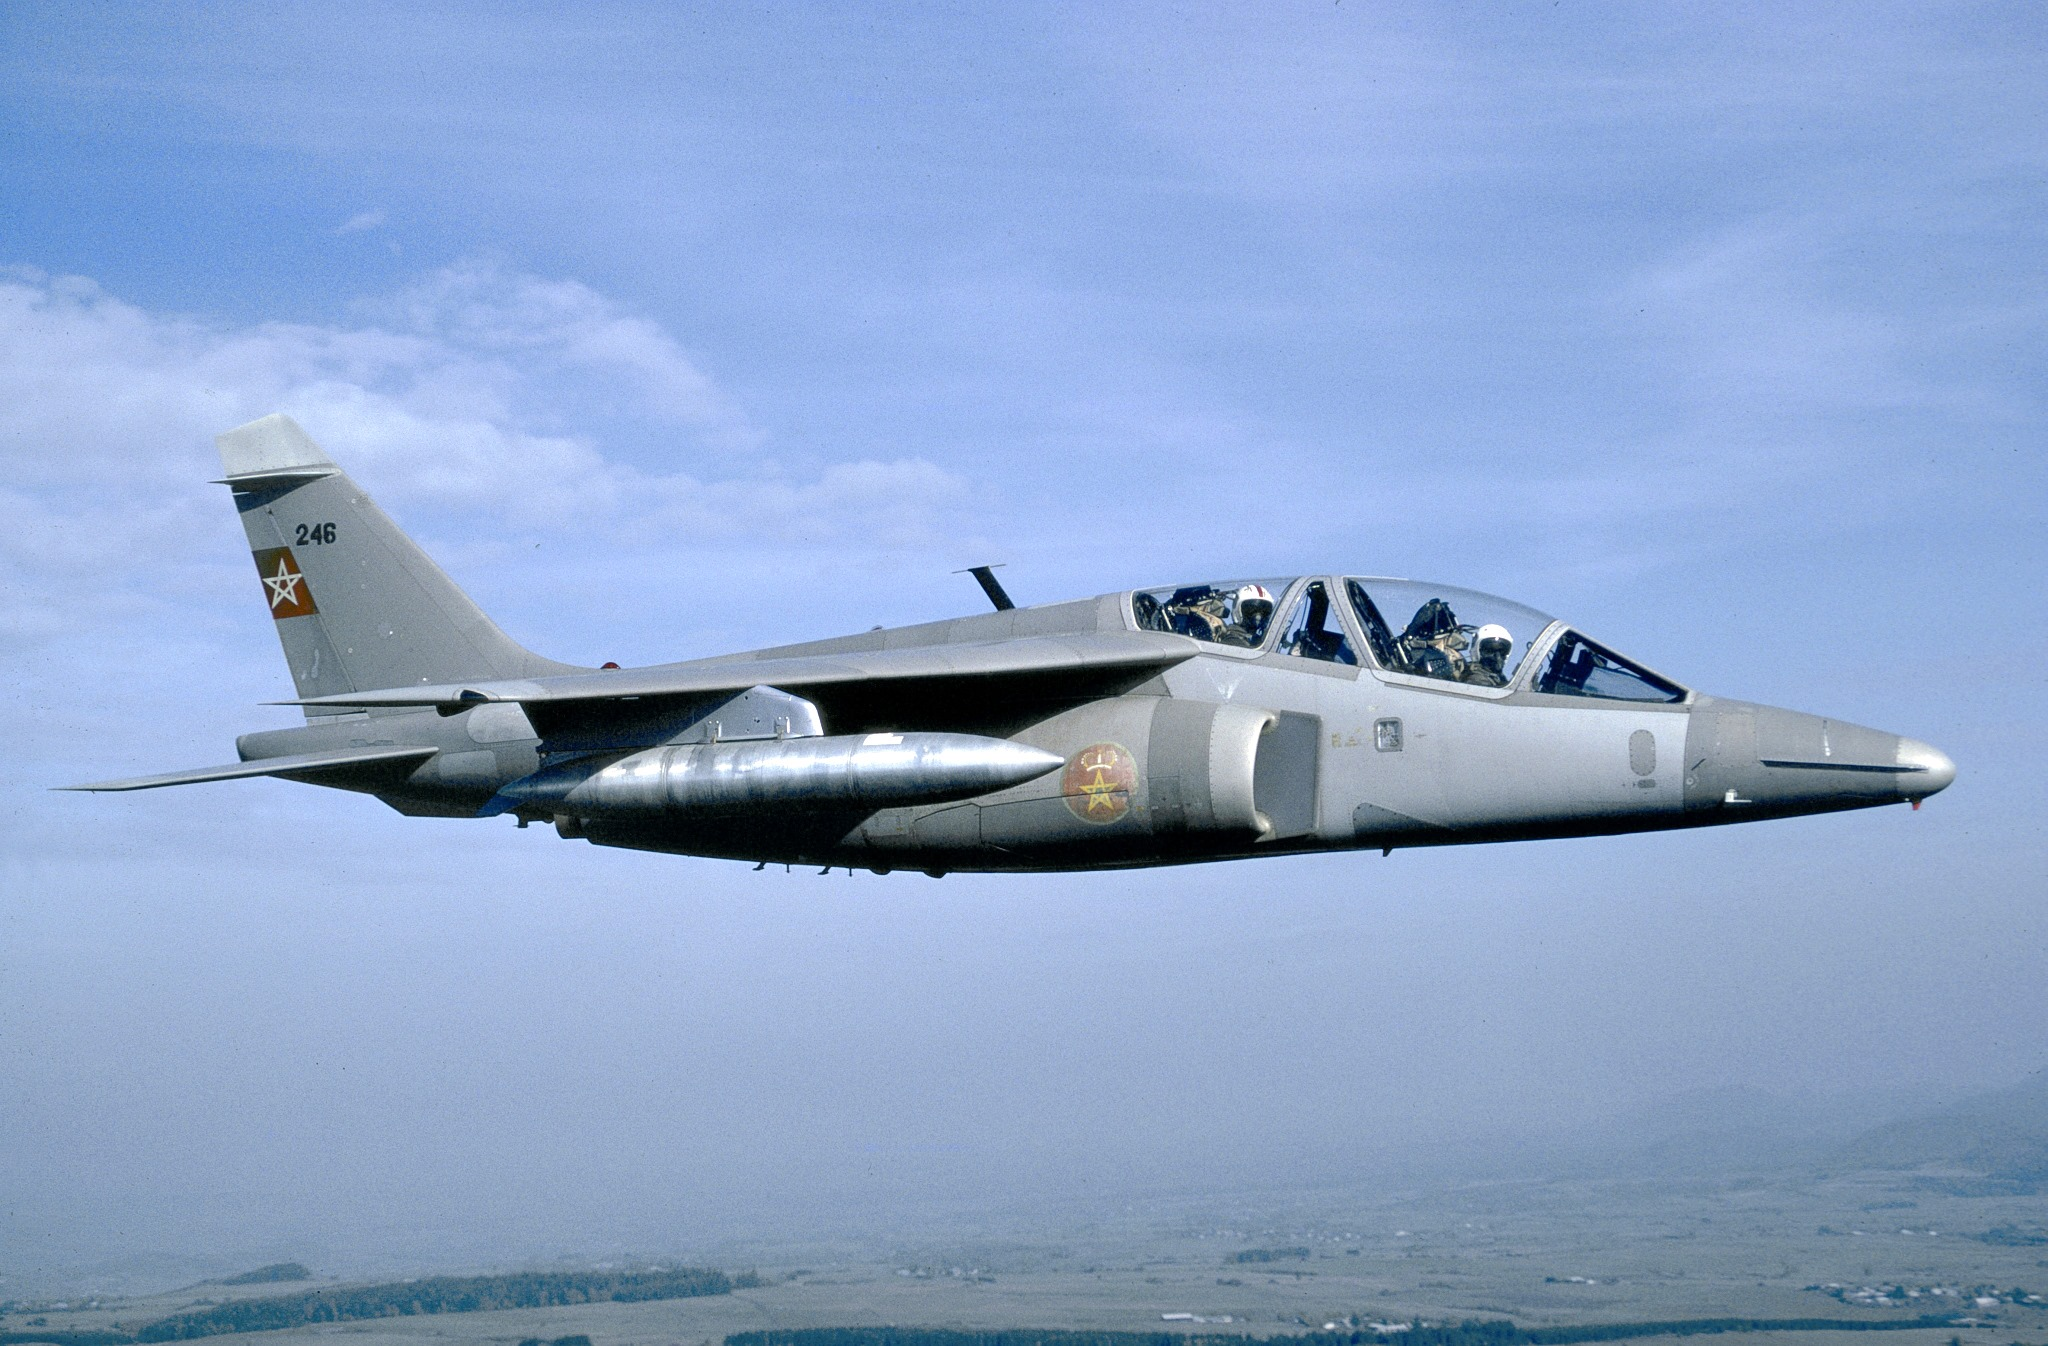 القوات الجوية الملكية المغربية - متجدد - - صفحة 2 160122051513706066